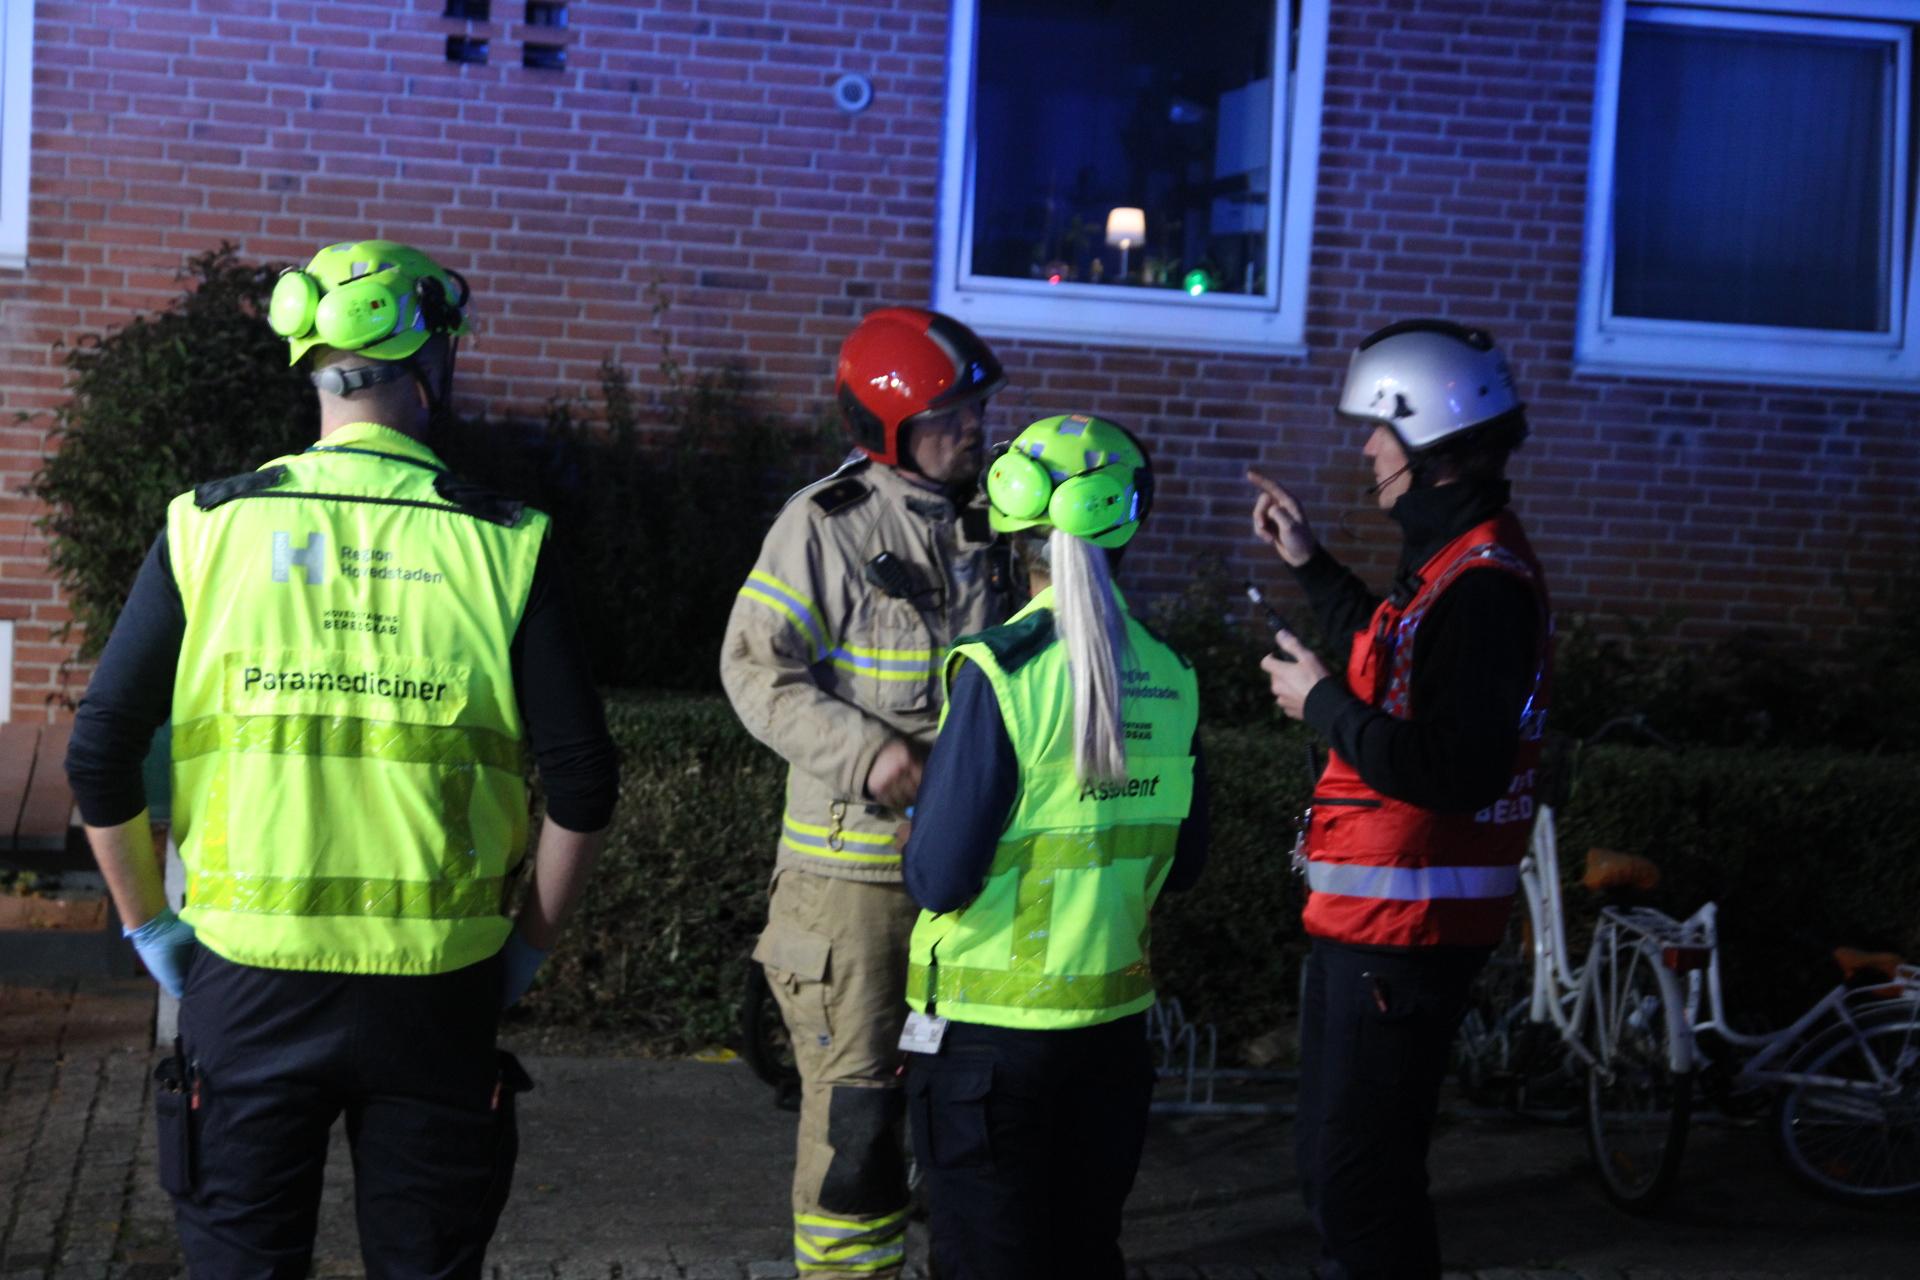 Ild i køkken - flere beboere evakueret